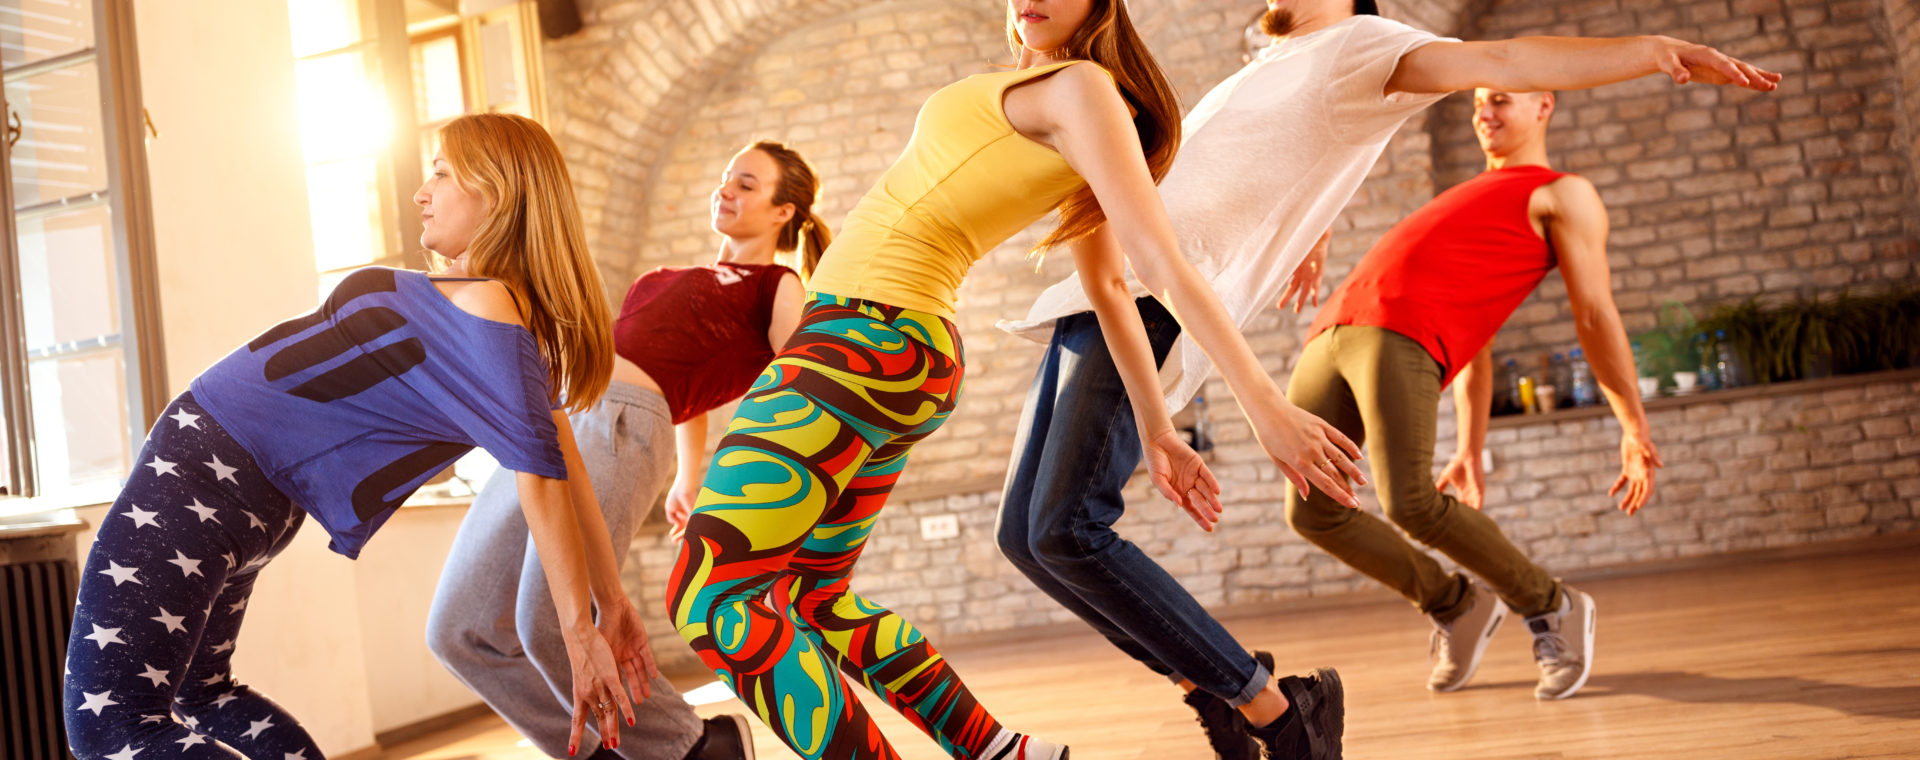 le gaga dance, quelle est cette danse inspirante et décomplexante